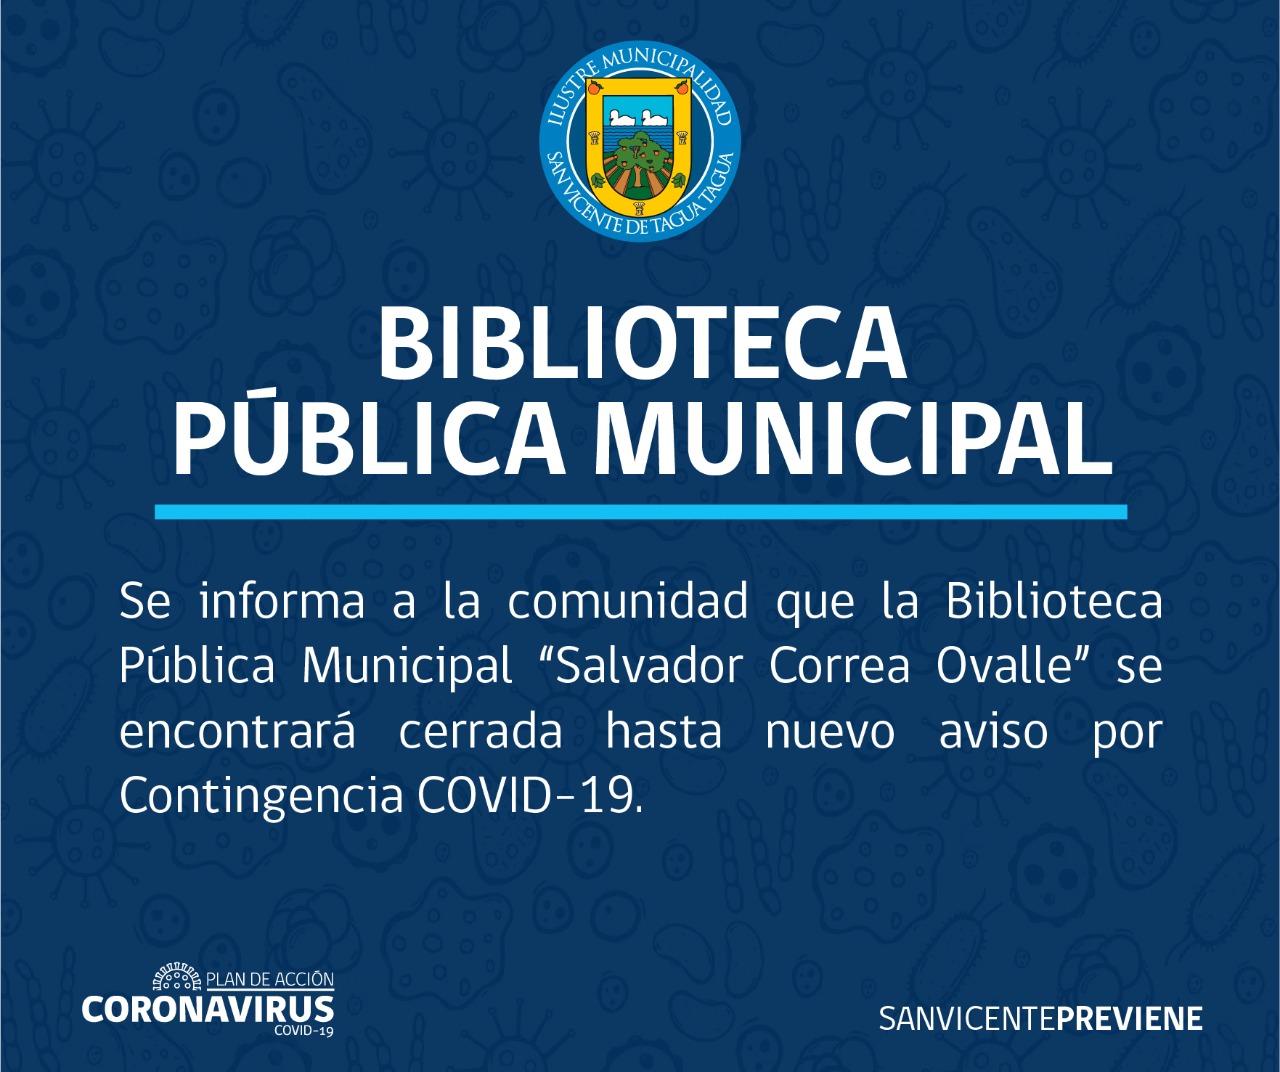 BIBLIOTECA PÚBLICA MUNICIPAL INFORMA CIERRE DE SUS DEPENDENCIAS HASTA NUEVO AVISO